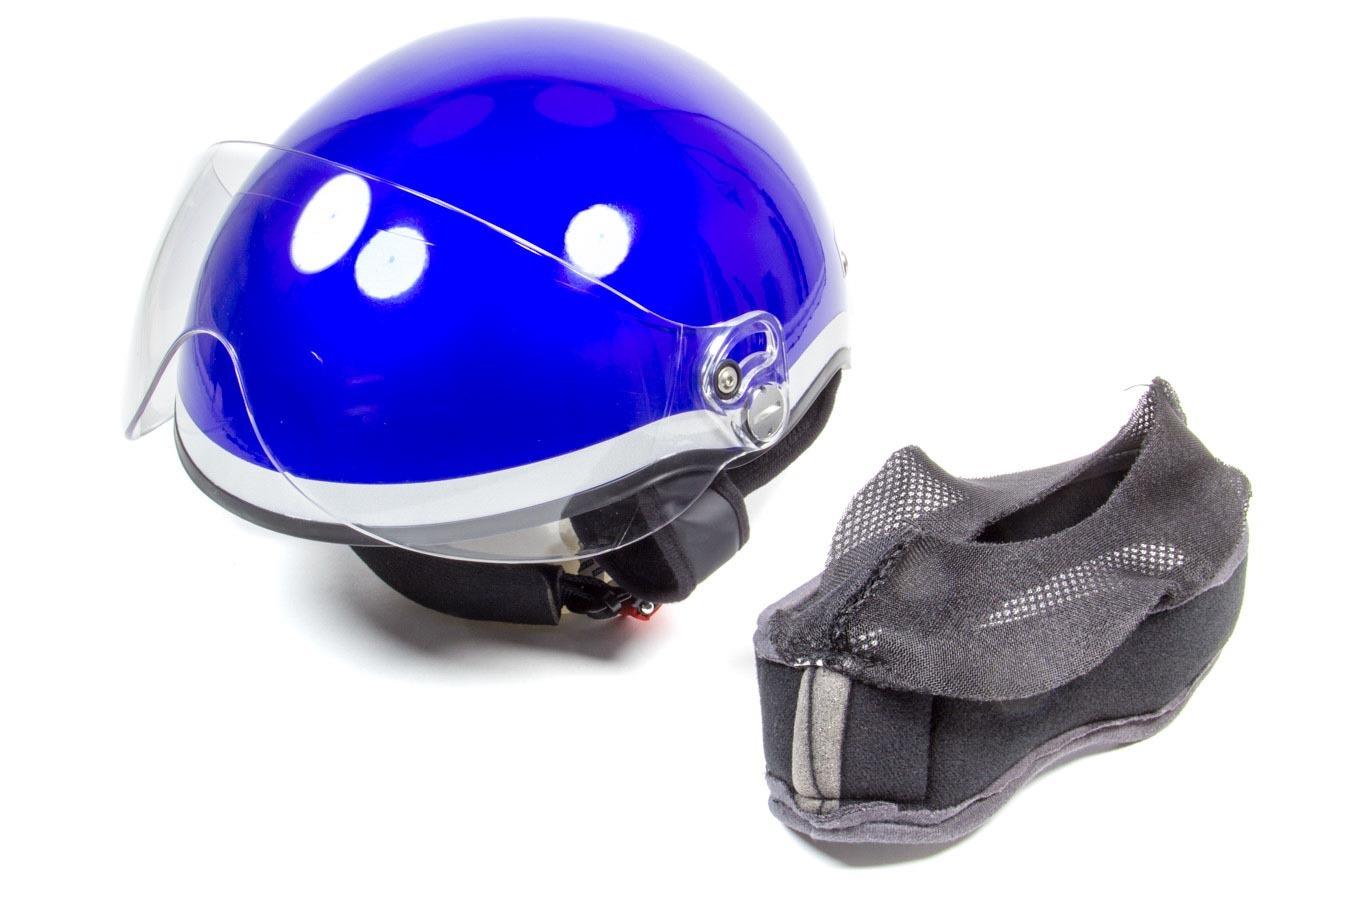 Head Pro Tech 1005 Helmet, EMT1, Royal Blue, Large to 3X-Large, Each